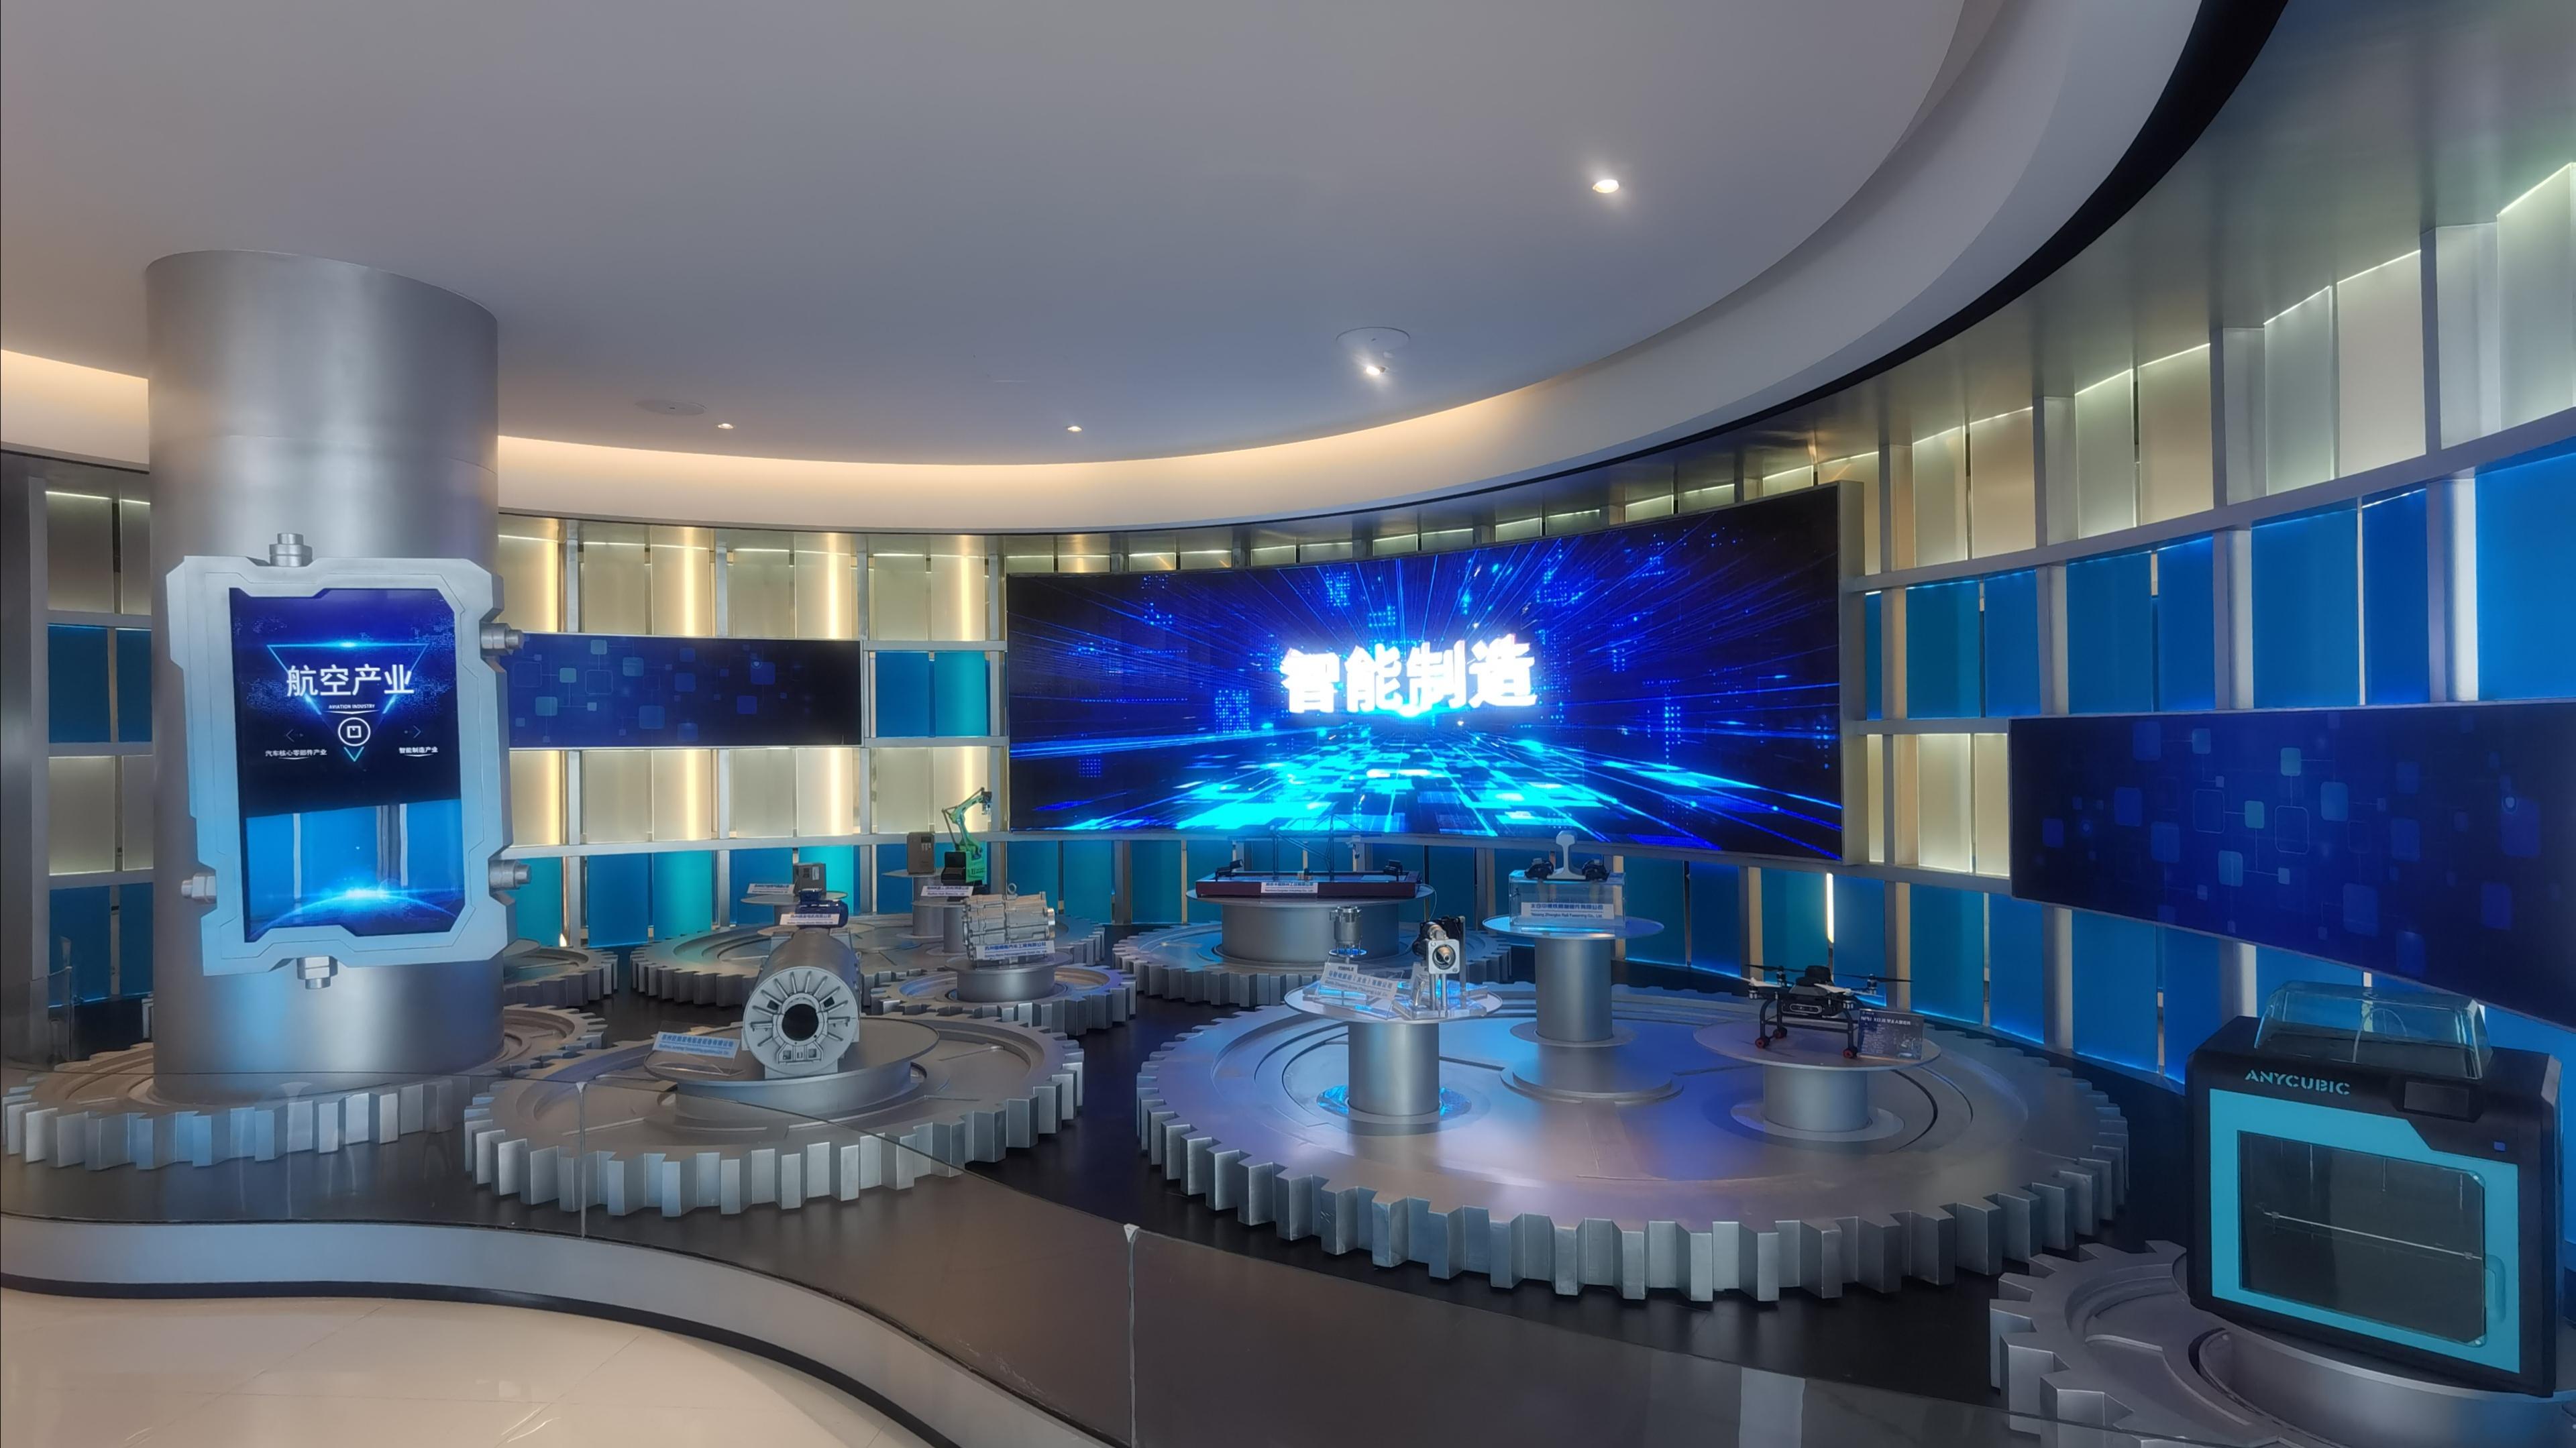 多媒体数字展厅对企业有何意义?